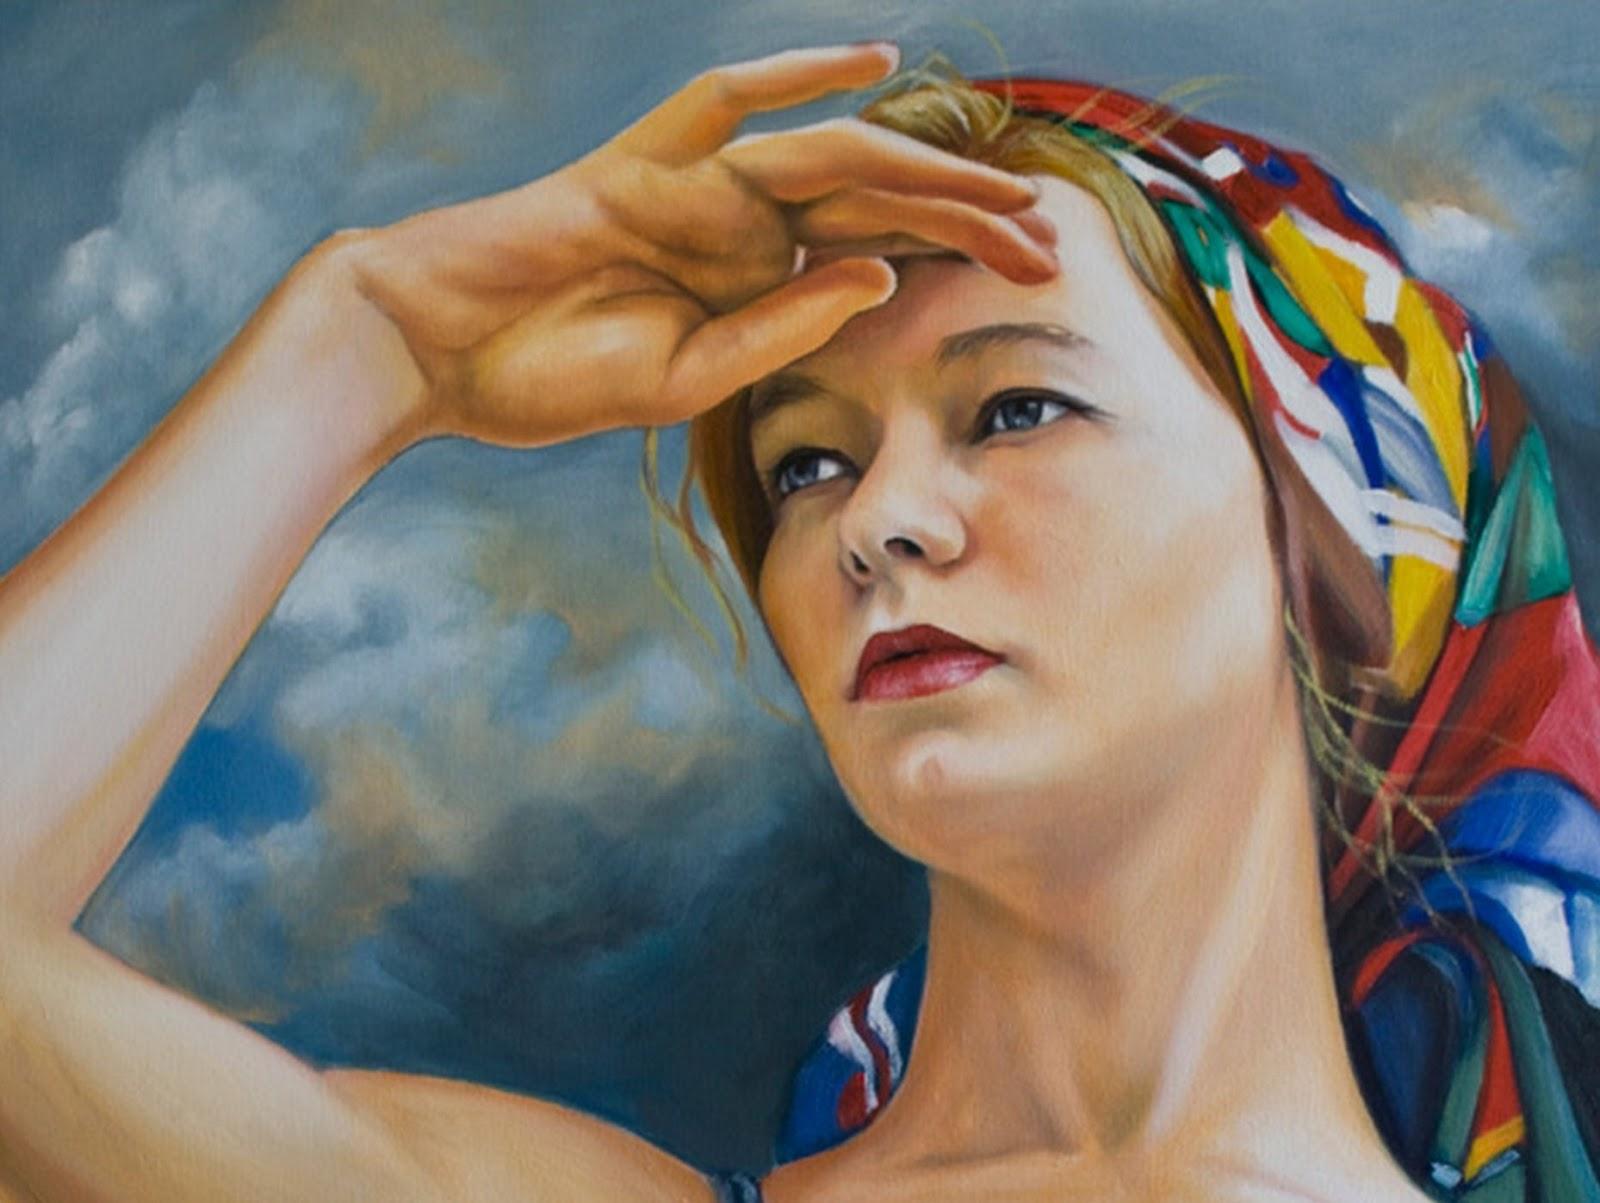 Bienvenidos al nuevo foro de apoyo a Noe #322 / 13.06.16 ~ 23.06.16 - Página 40 Cuadros-rostros-de-mujeres-rusas+(5)